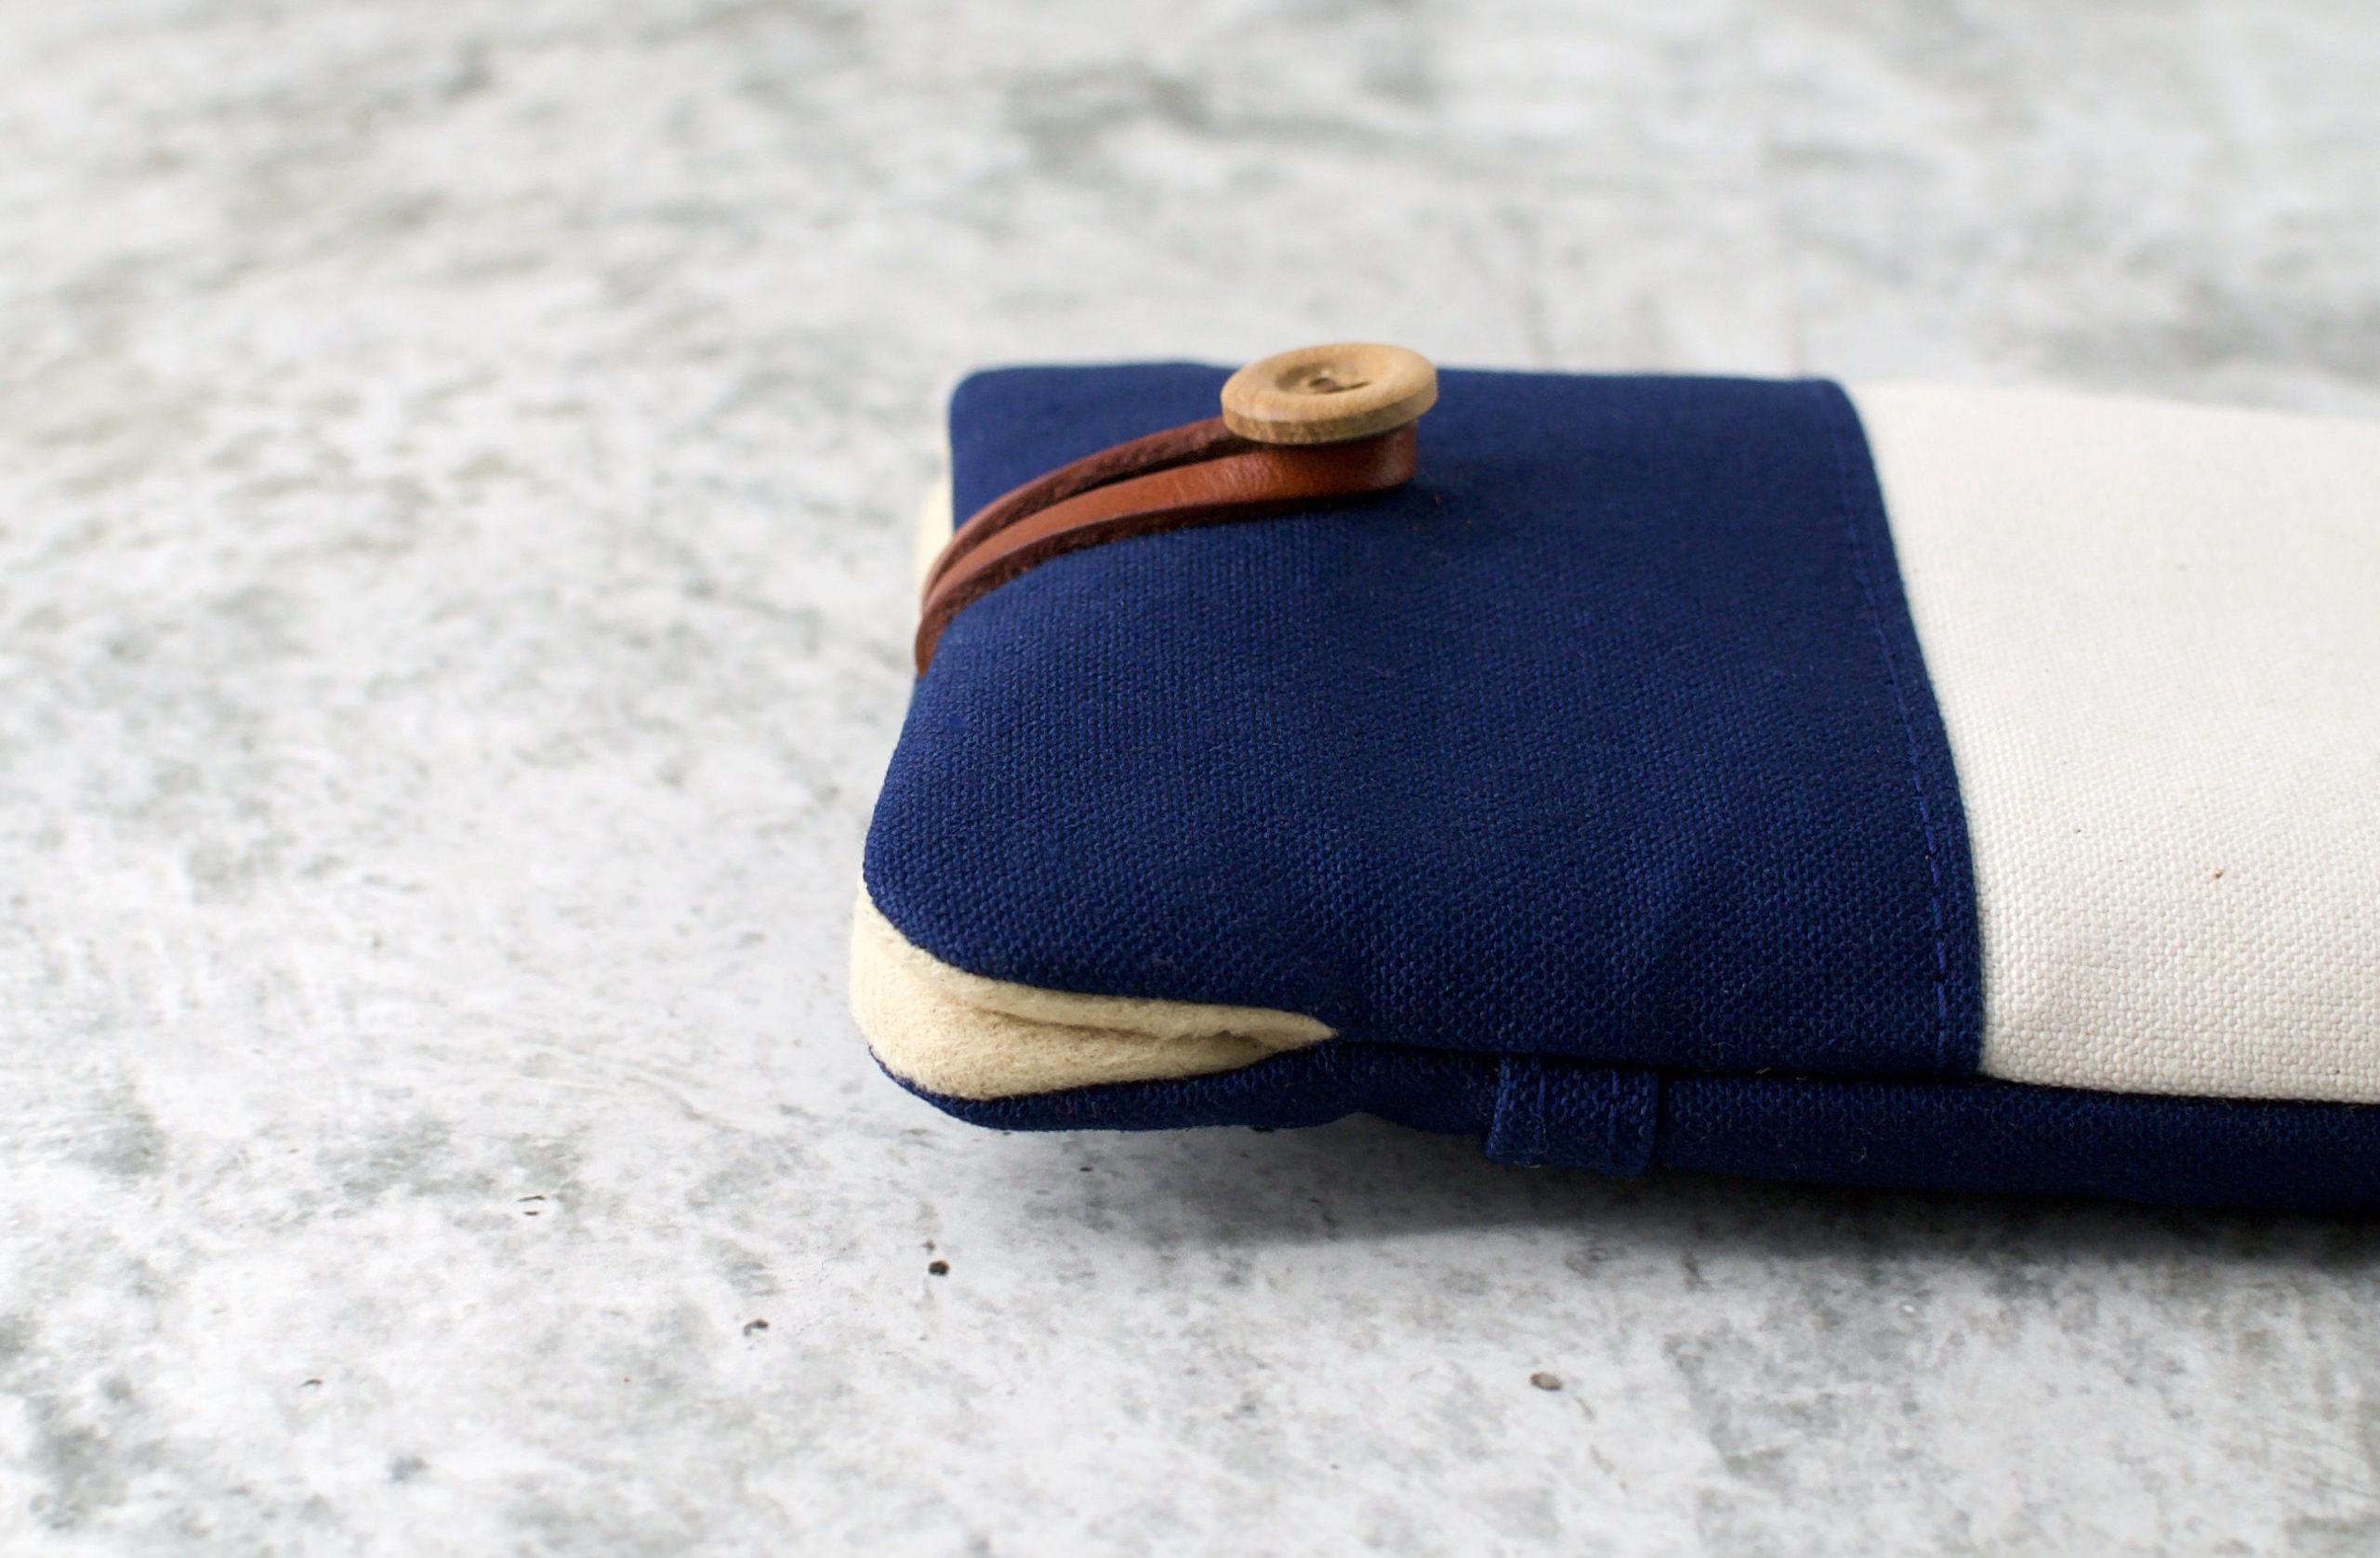 帆布と本革のスマートフォンケース(スマホポーチ)/ネイビーと生成り